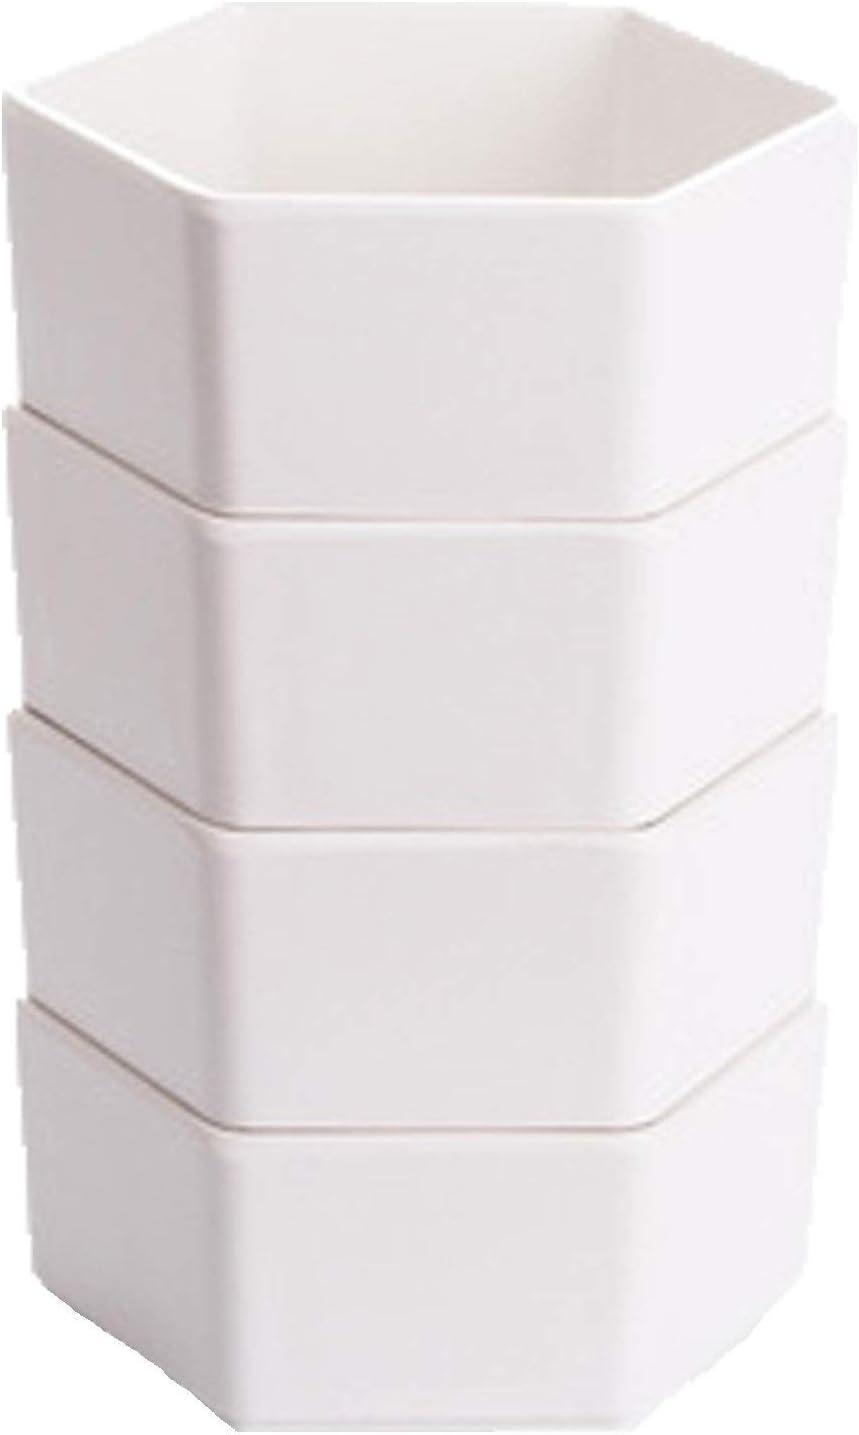 Salsera Bowles de salsa de inmersión platos platos de postre siendo sirviendo platos cuencos de inmersión conjunto de platos de condimento platos de platos de plato usado multiusos Para hoteles famili